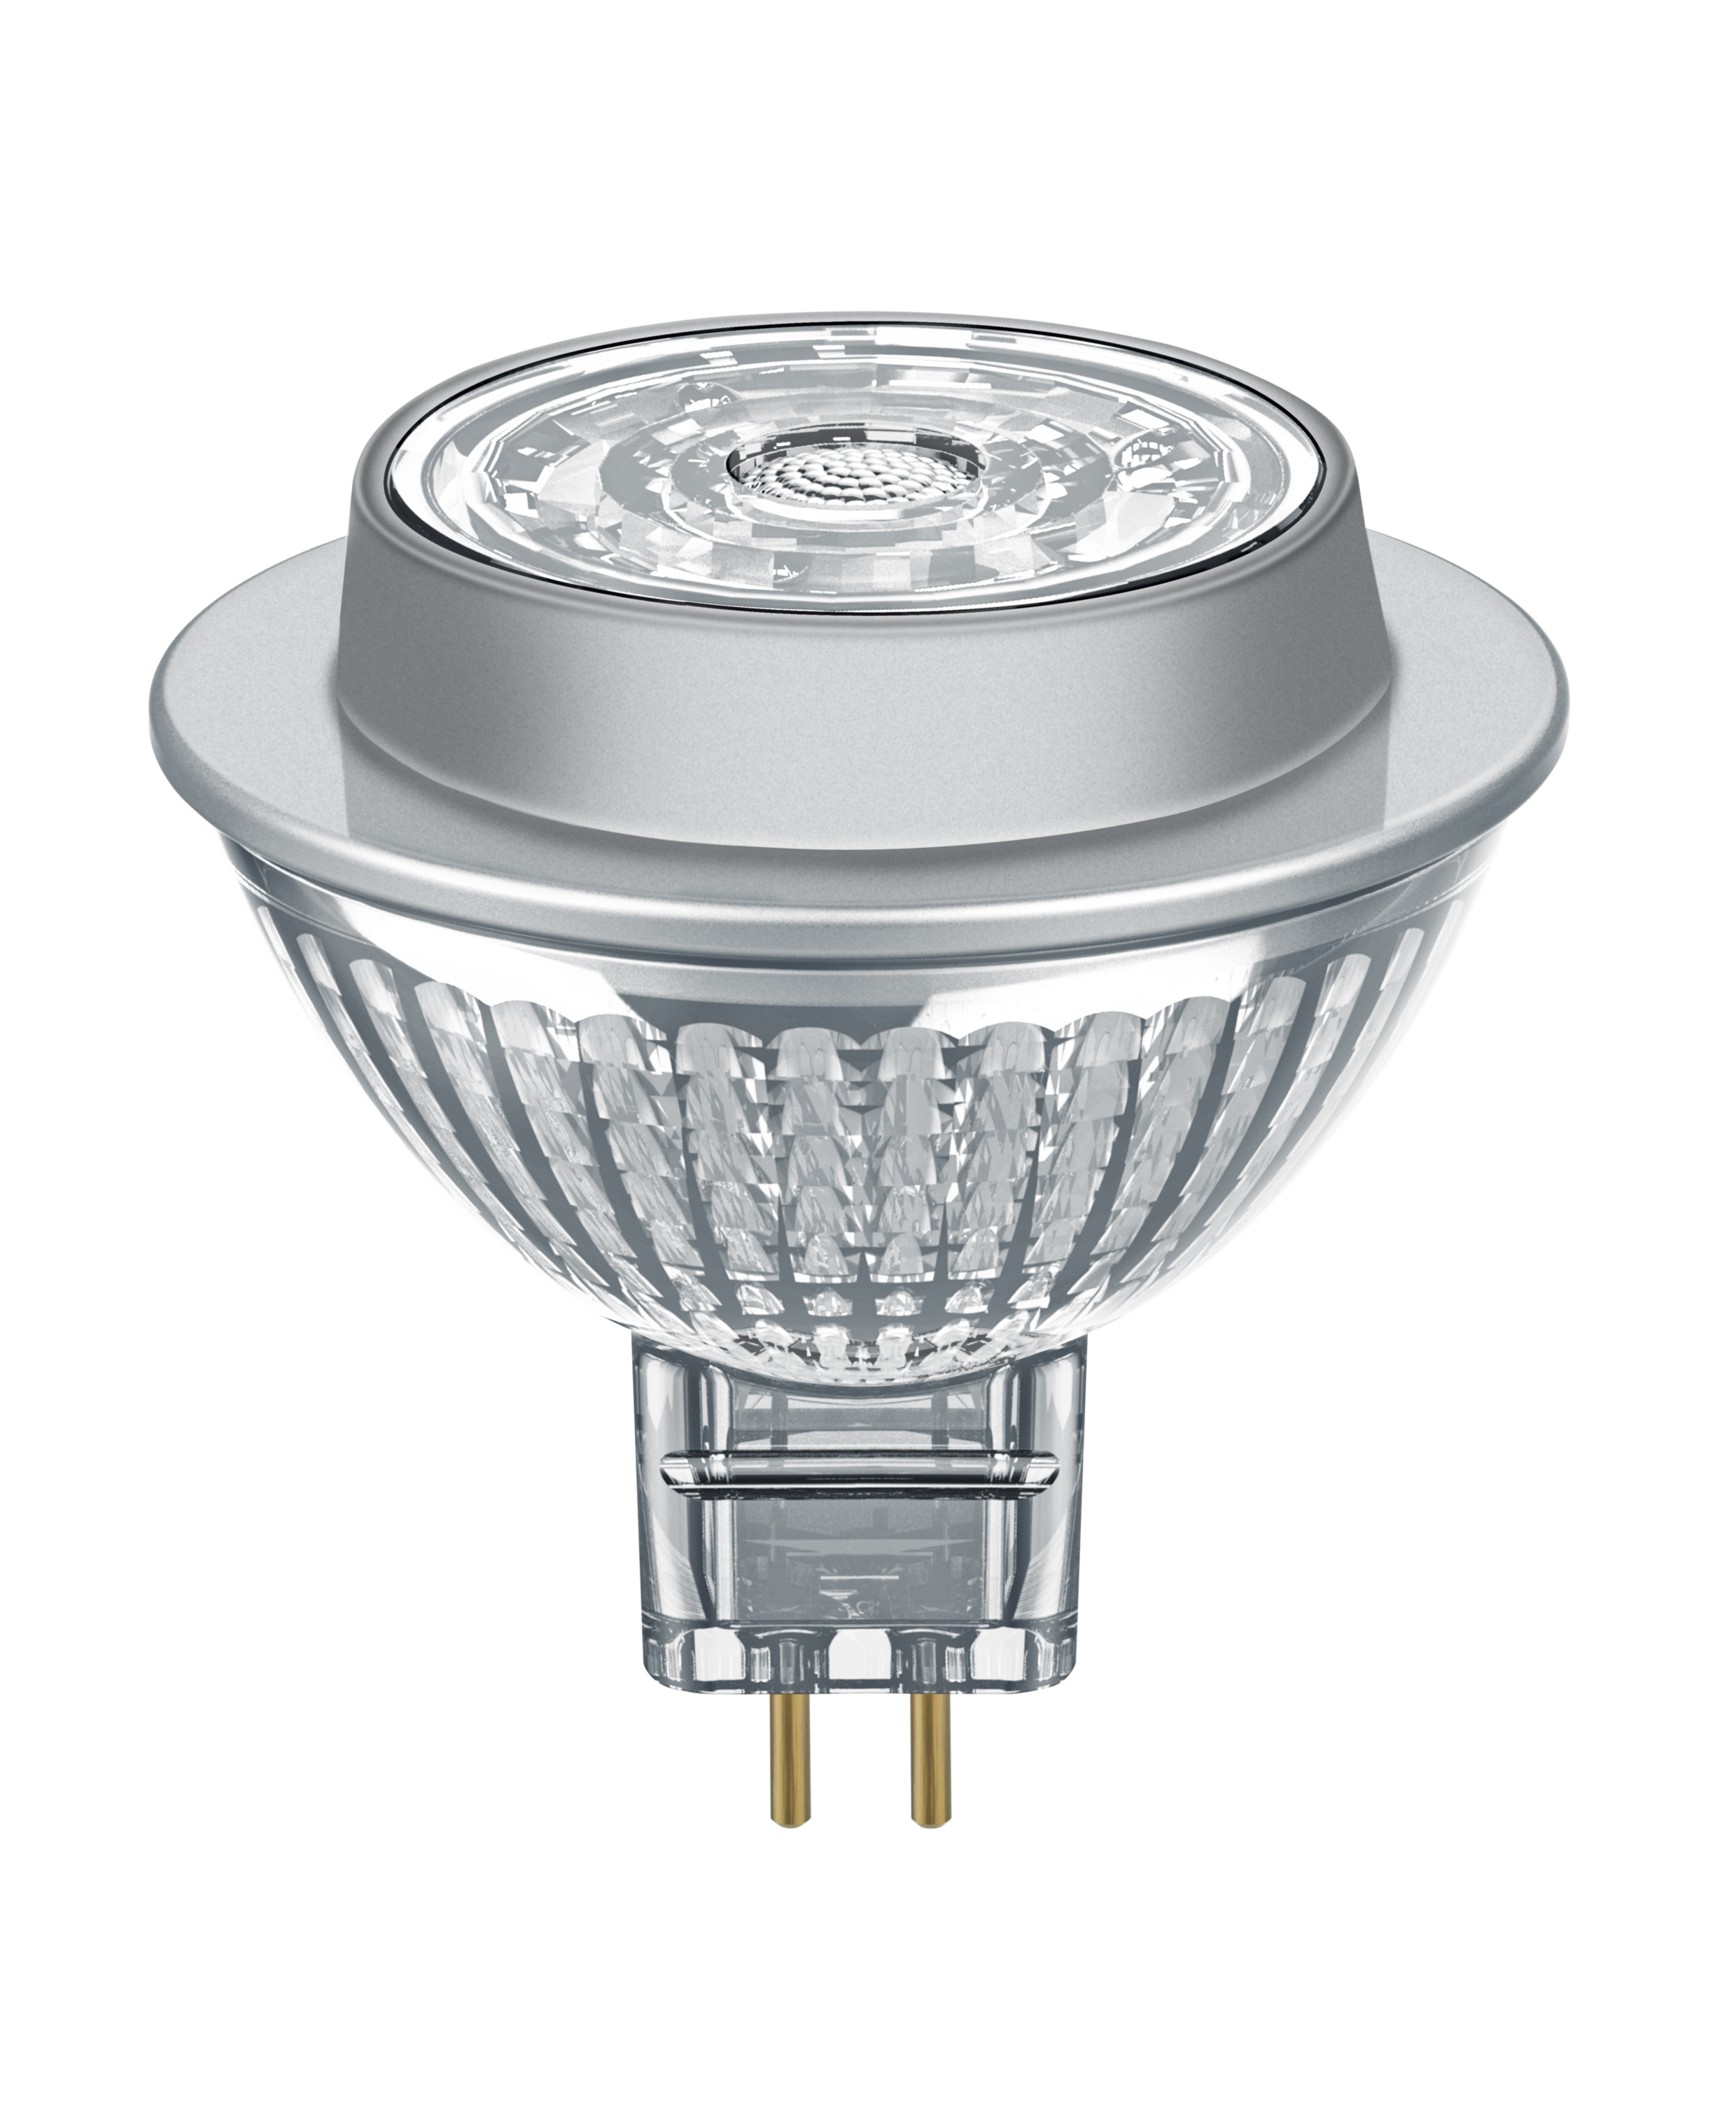 LED STAR MR16 50 non-dim 36° 7,2W/827 GU5.3